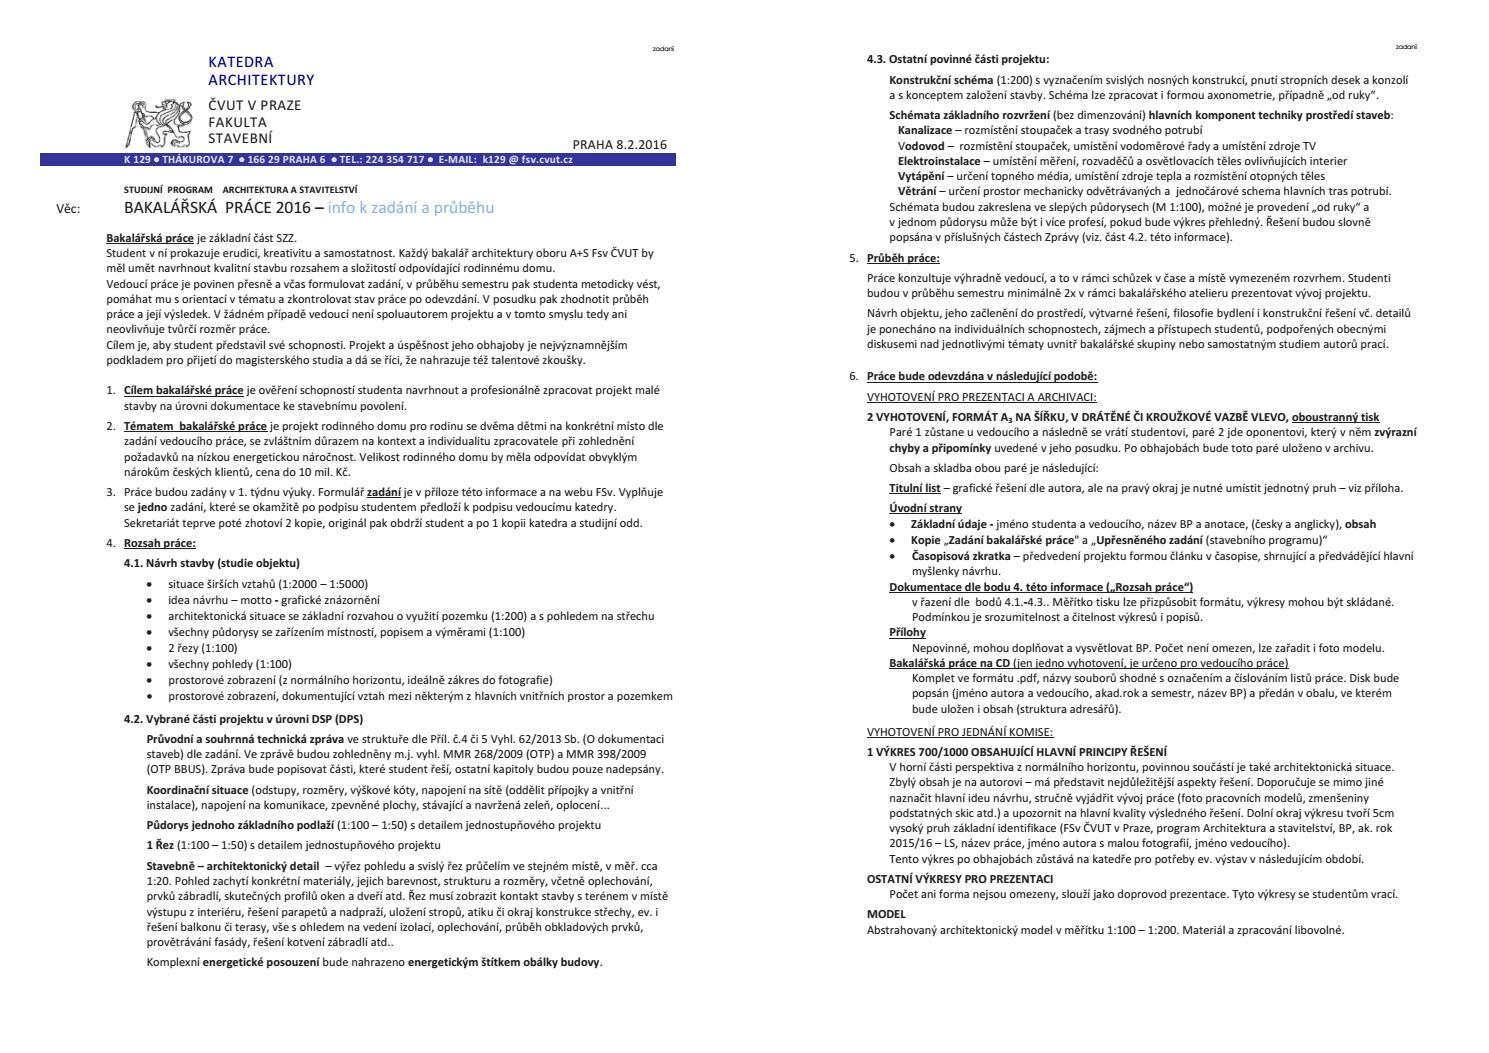 Bakalarska Prace Barbora Cudkova By Cudkova Issuu